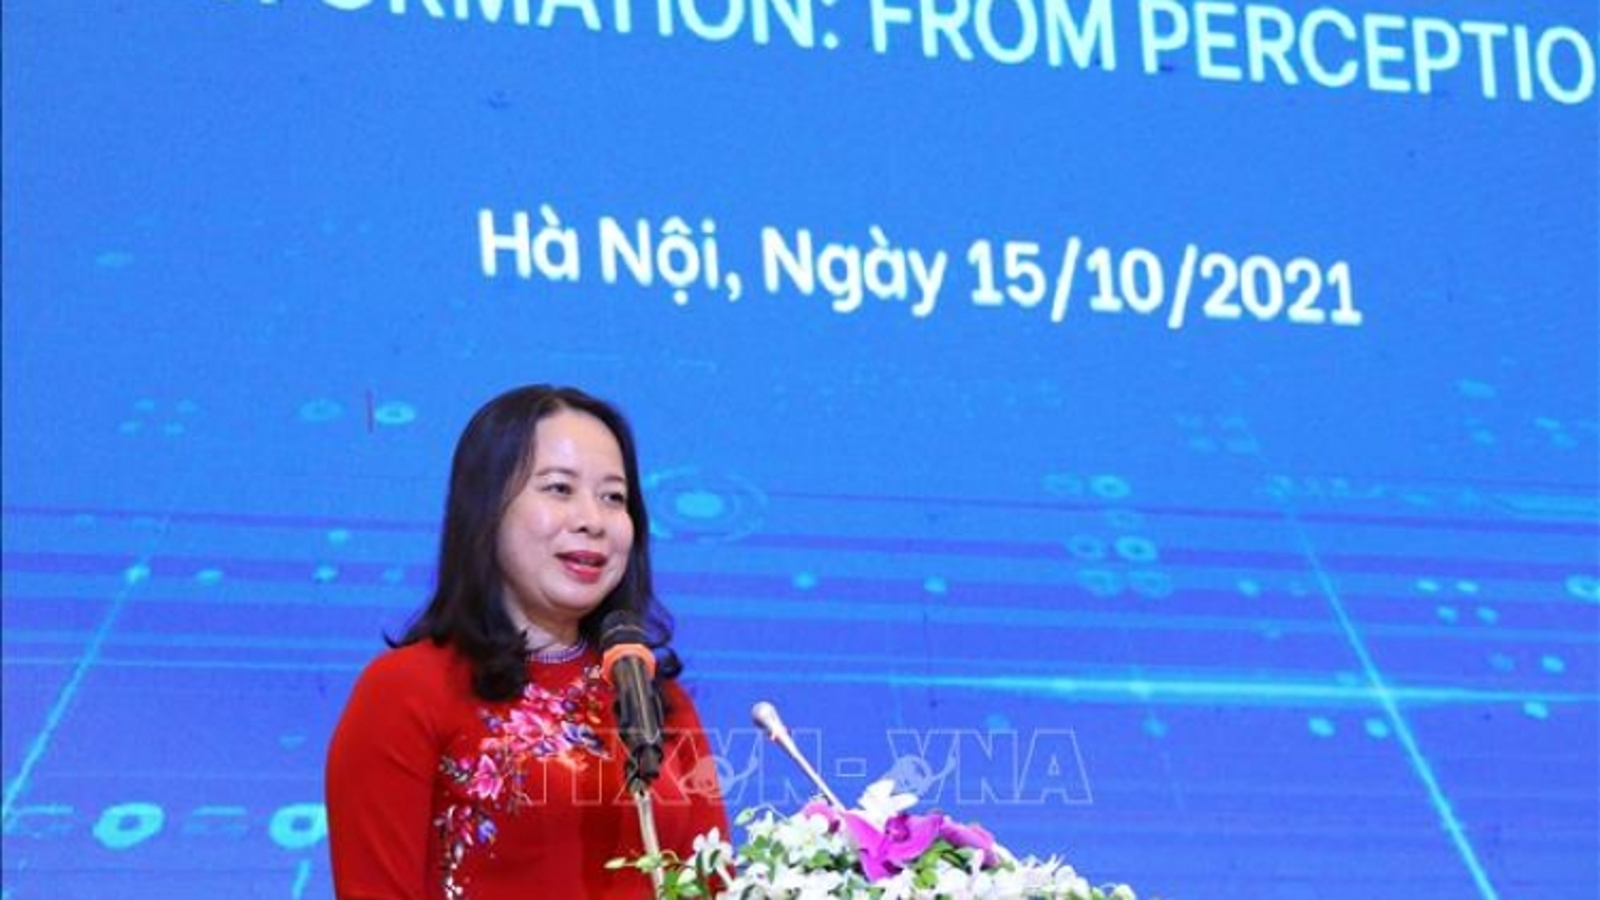 Phó Chủ tịch nước Võ Thị Ánh Xuân dự diễn đàn doanh nhân nữ Việt Nam 2021